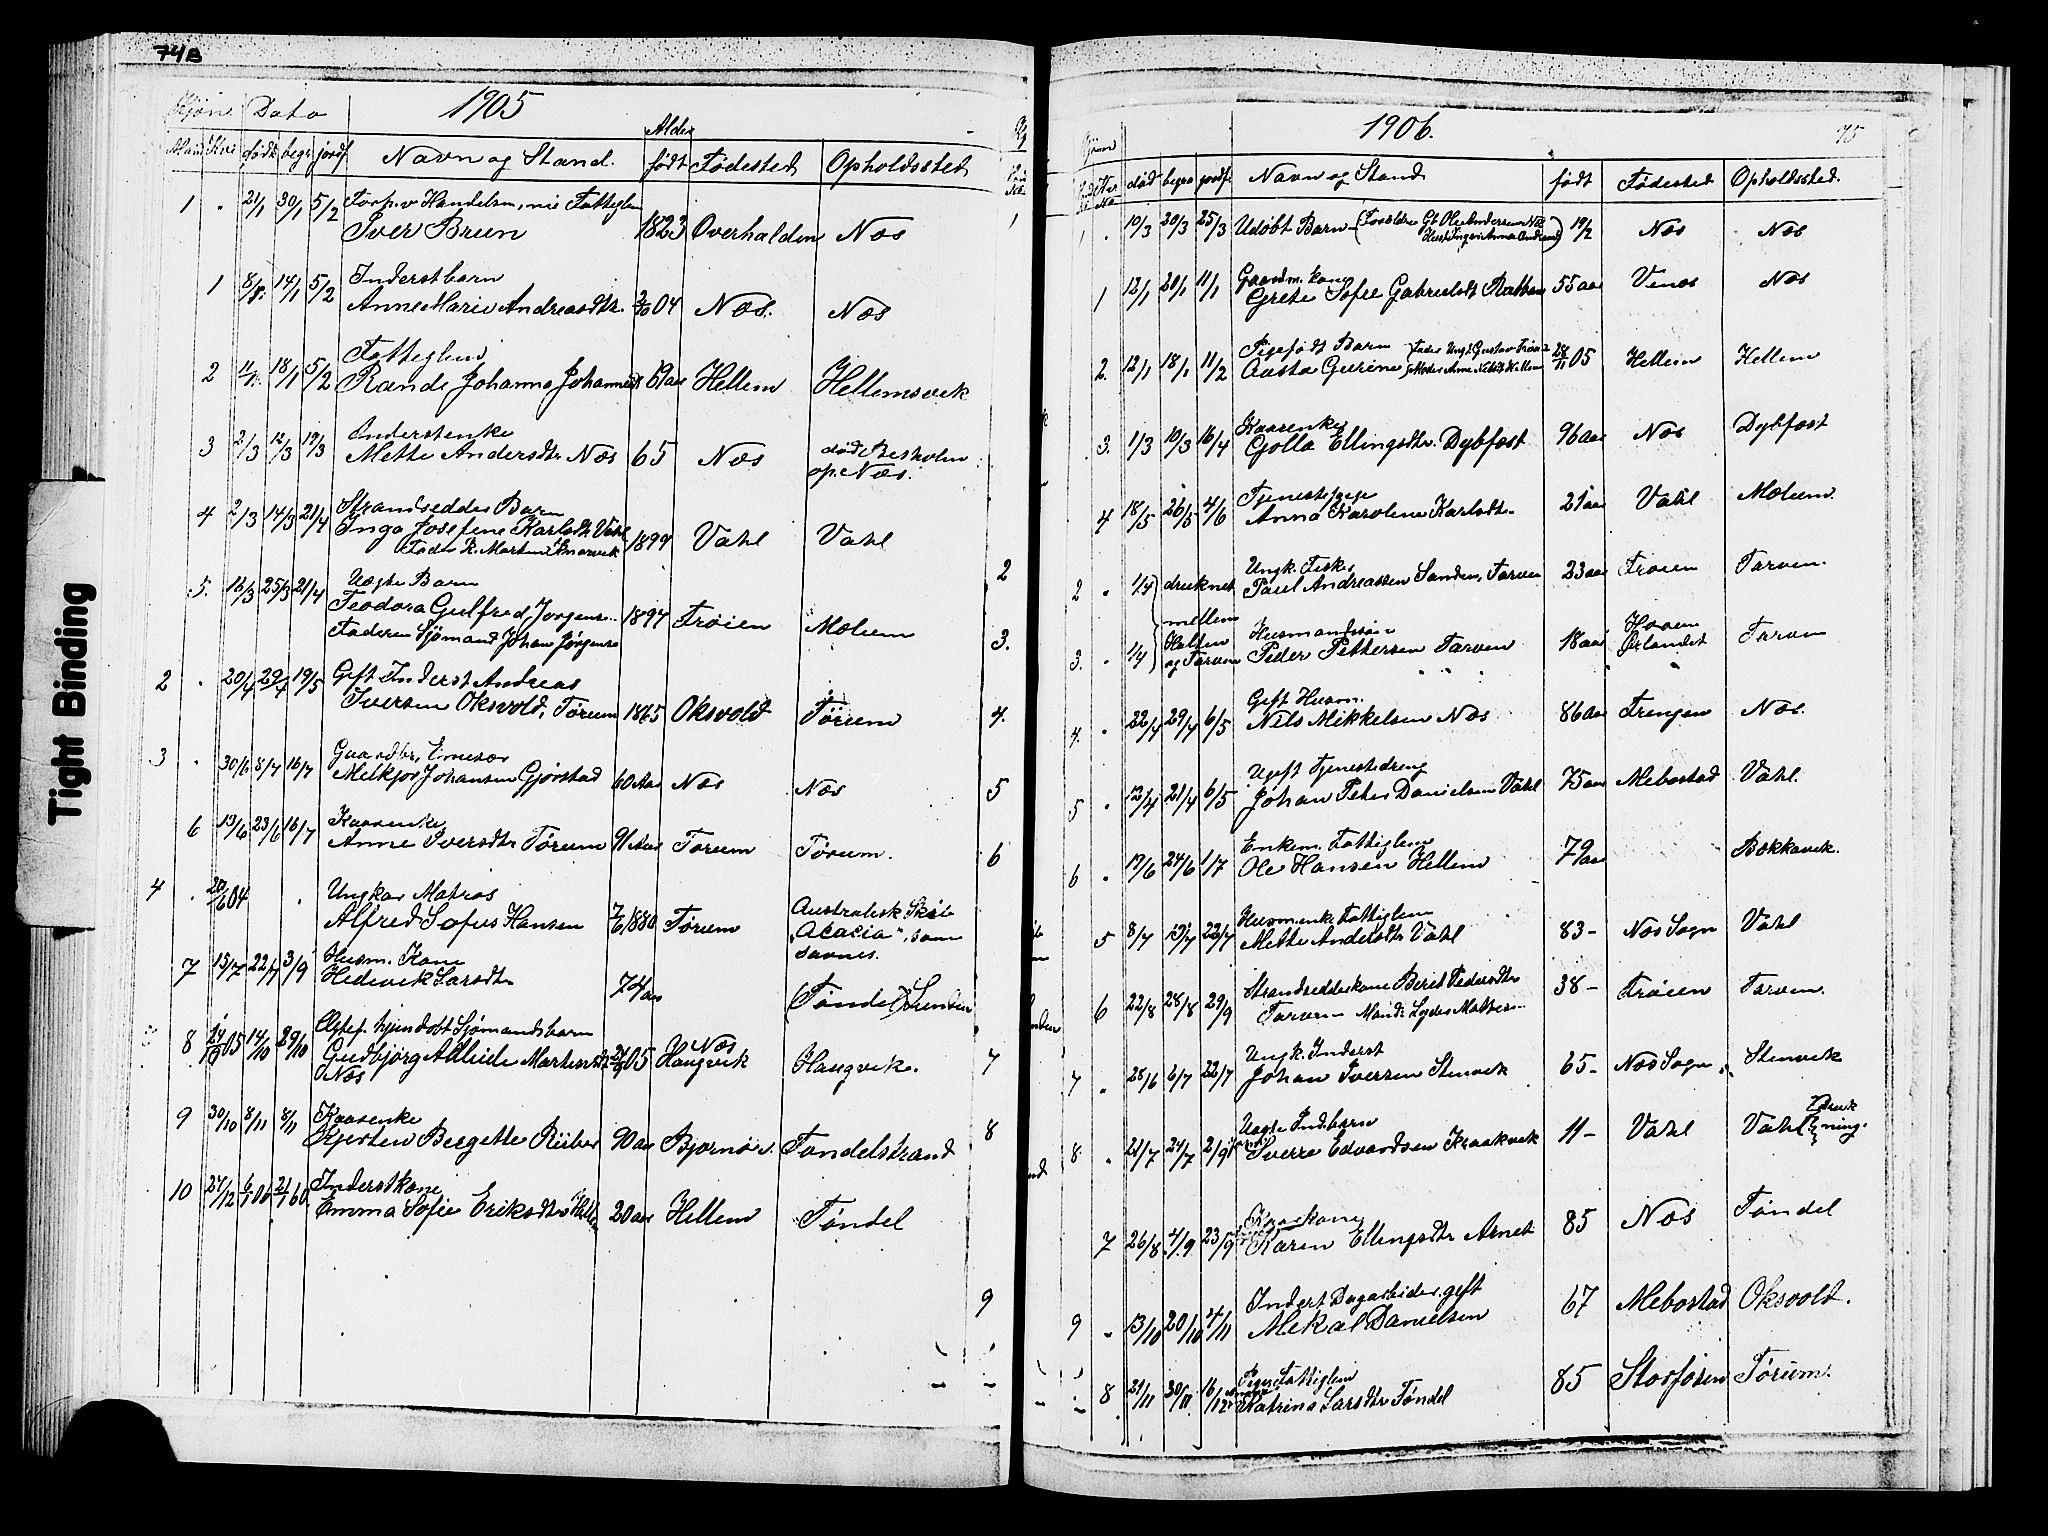 SAT, Ministerialprotokoller, klokkerbøker og fødselsregistre - Sør-Trøndelag, 652/L0653: Klokkerbok nr. 652C01, 1866-1910, s. 75